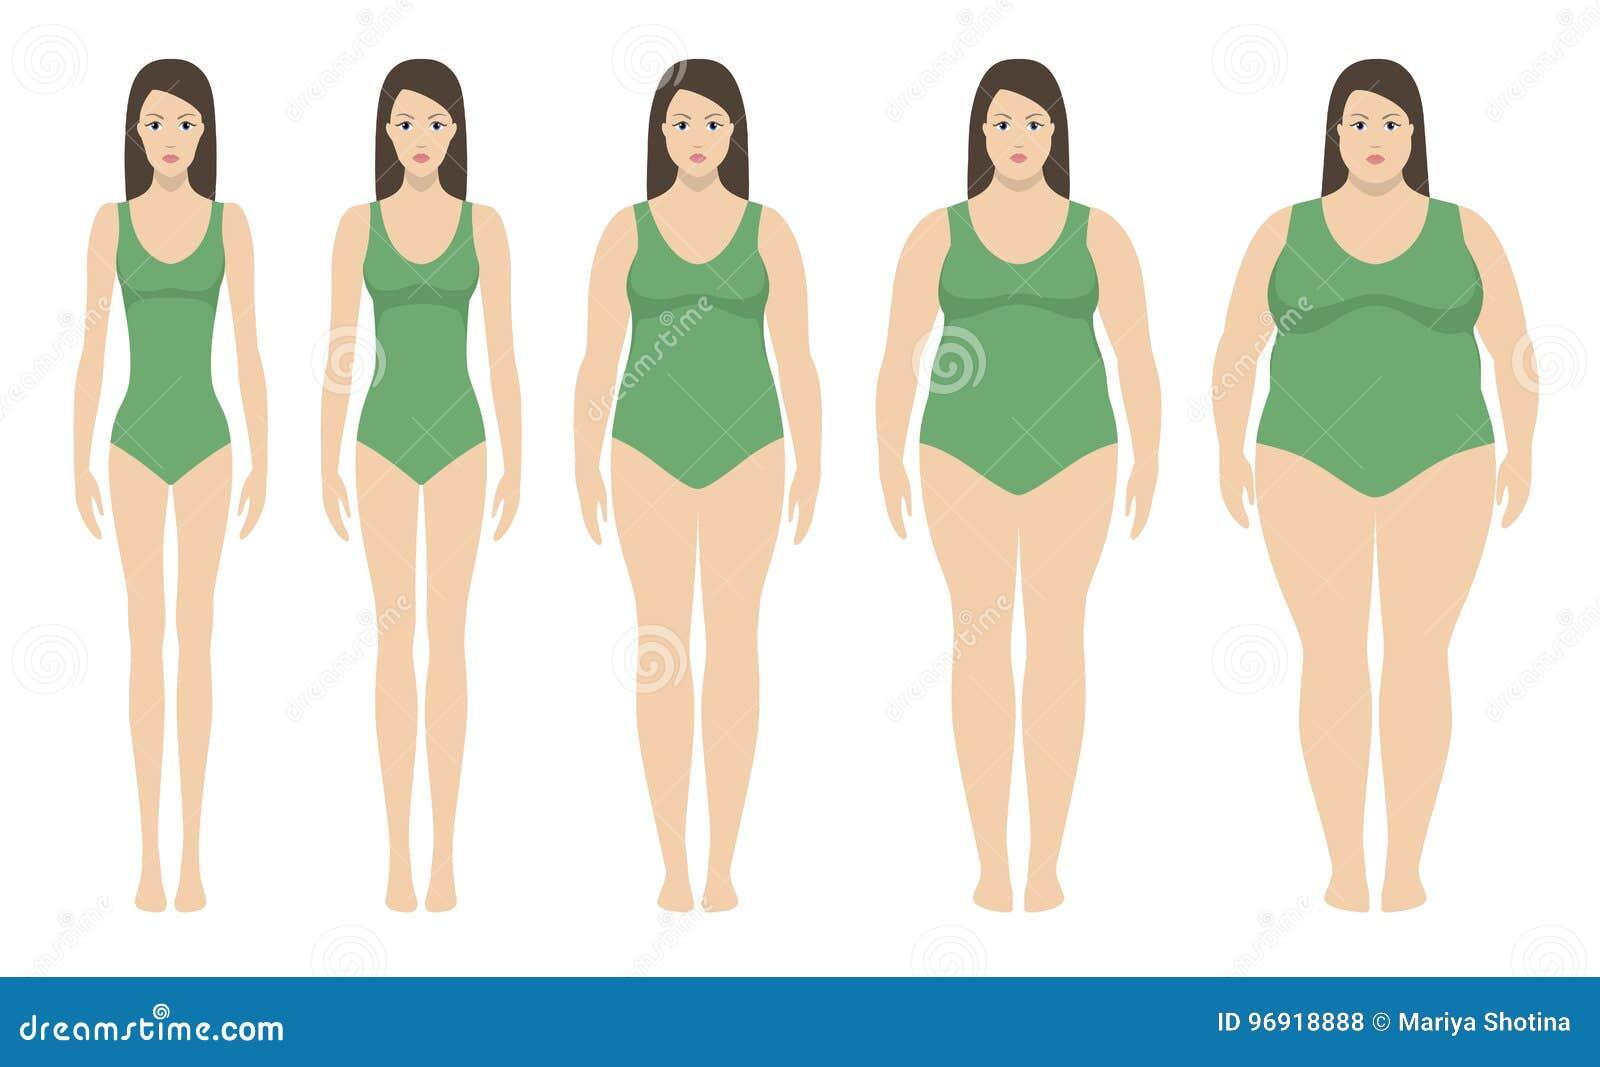 body ma index vektorillustration vom untergewicht zu extrem beleibtem frauenschattenbilder mit. Black Bedroom Furniture Sets. Home Design Ideas